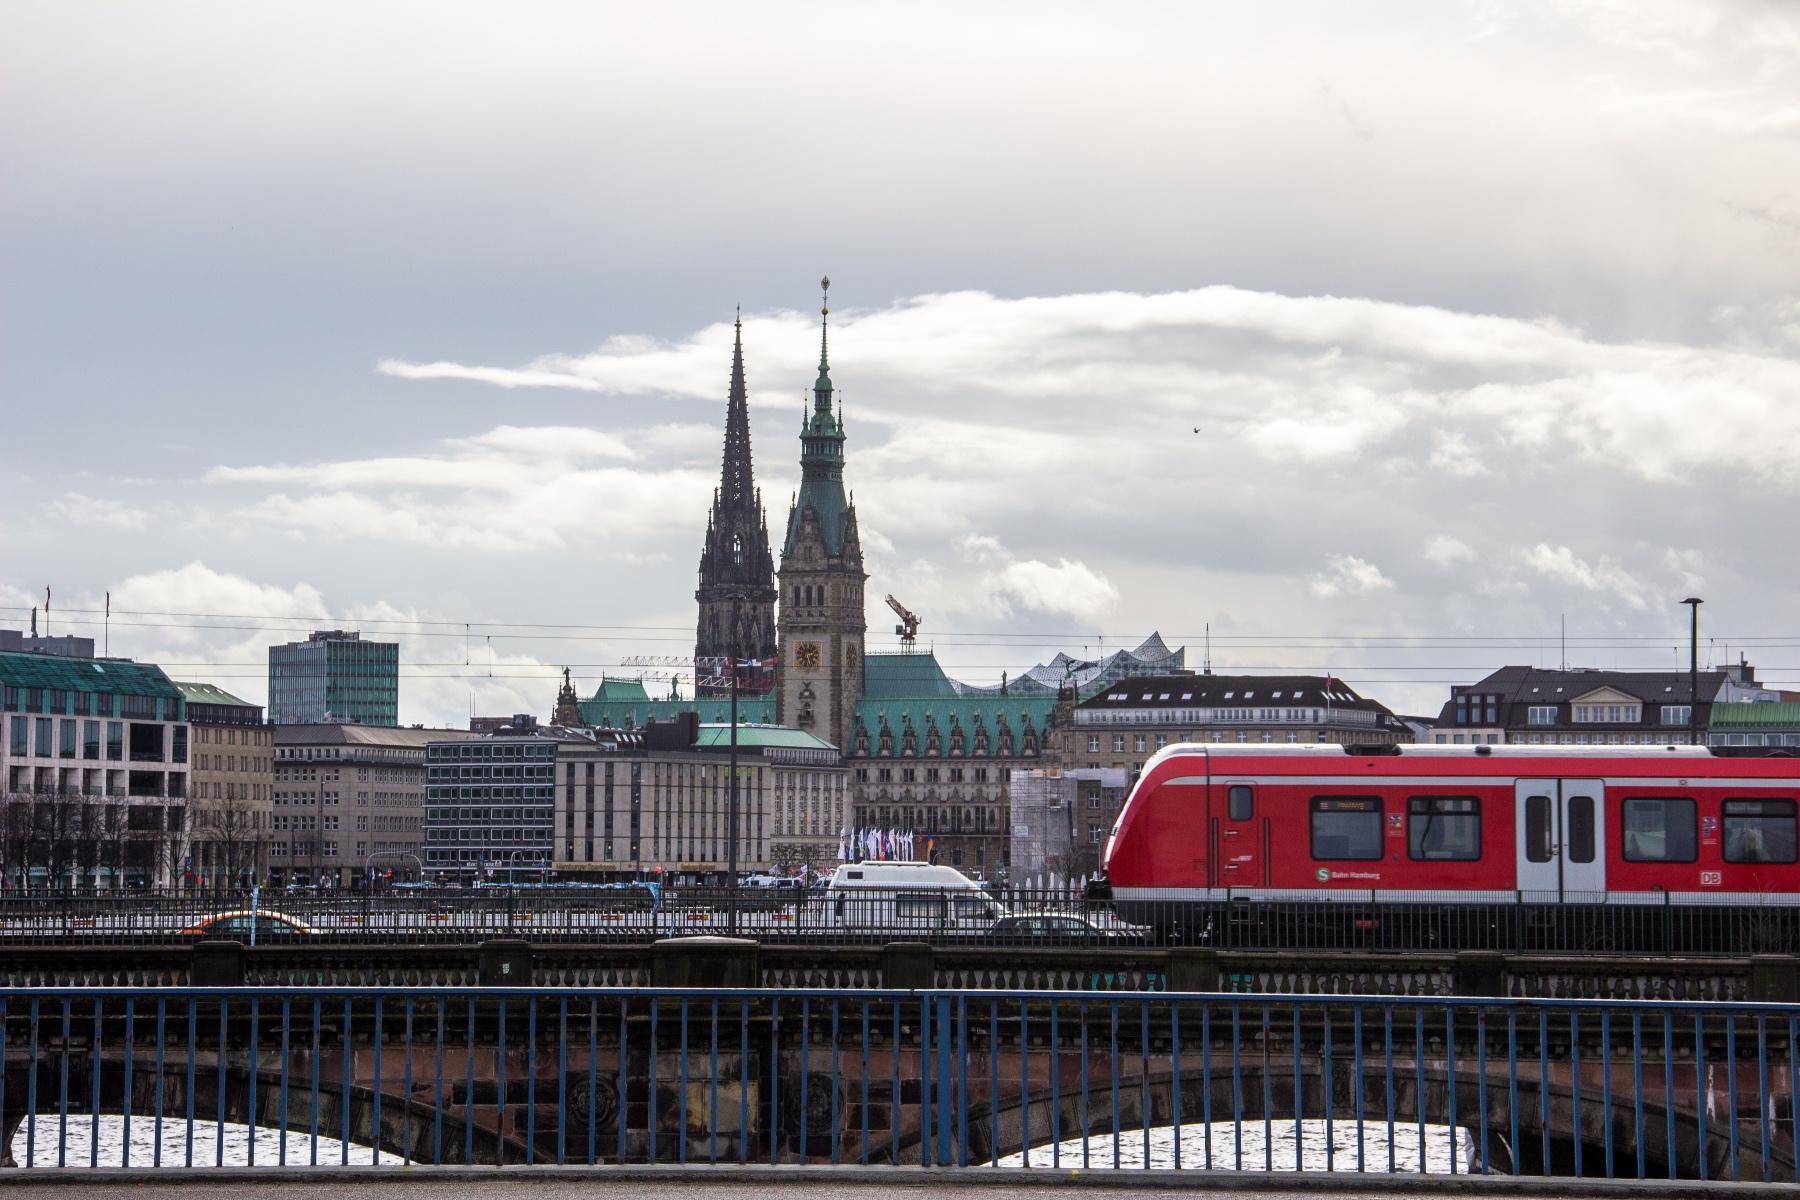 Geheimtipp Hamburg Its Weltkongress Hamburg Alster Unsplash 12 – ©Unsplash